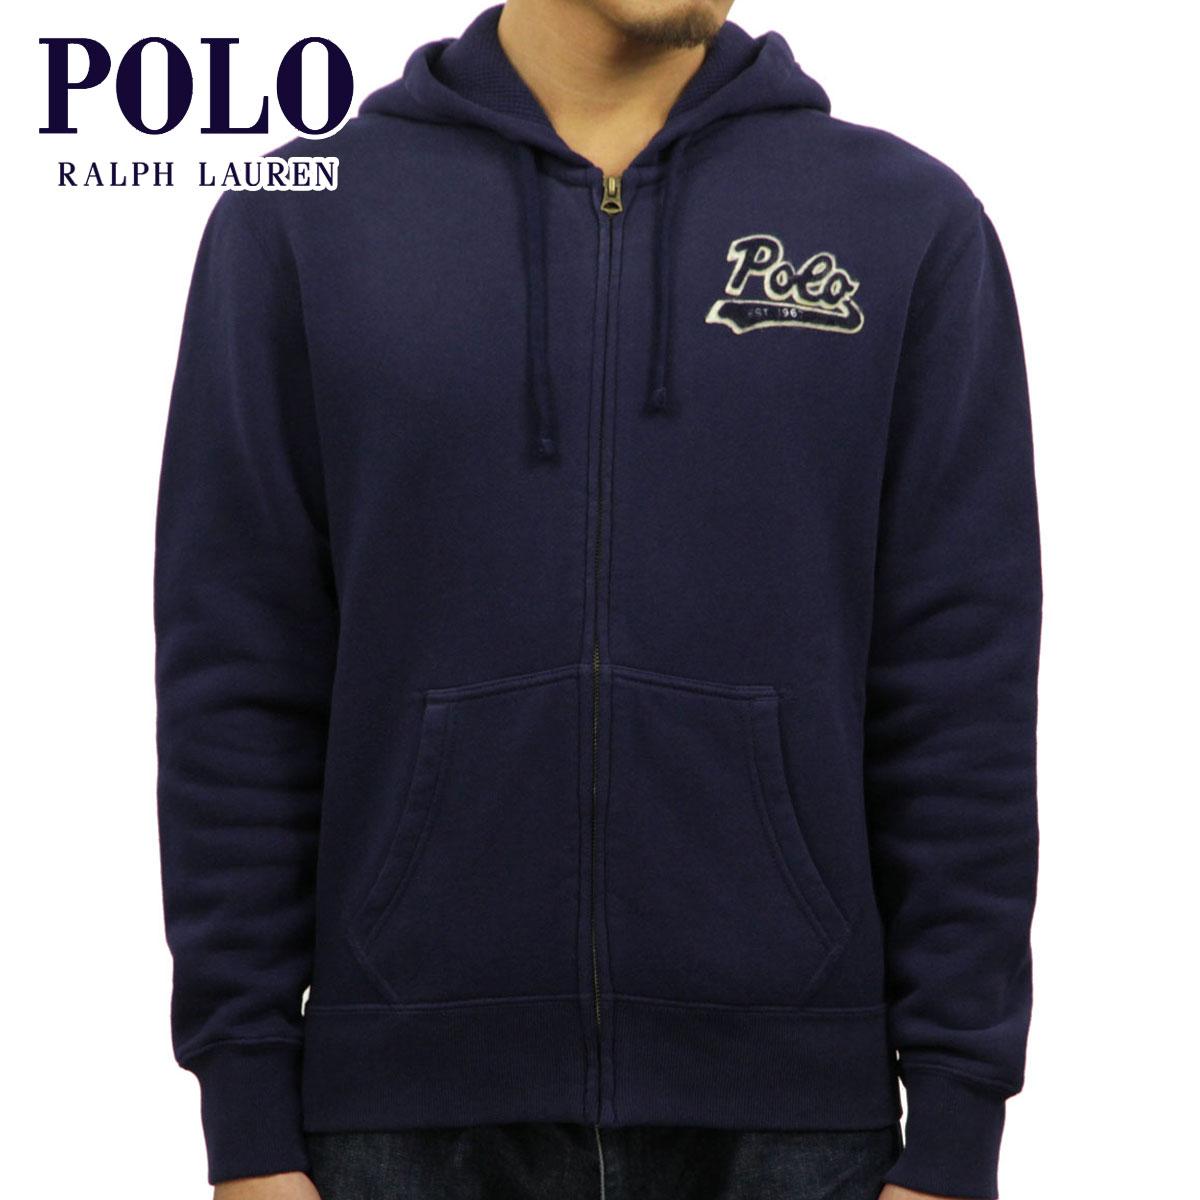 wie man serch Top Design hoch gelobt Polo Ralph Lauren POLO RALPH LAUREN regular article men zip up parka  COTTON-BLEND-FLEECE SWEATSHIRT D00S20